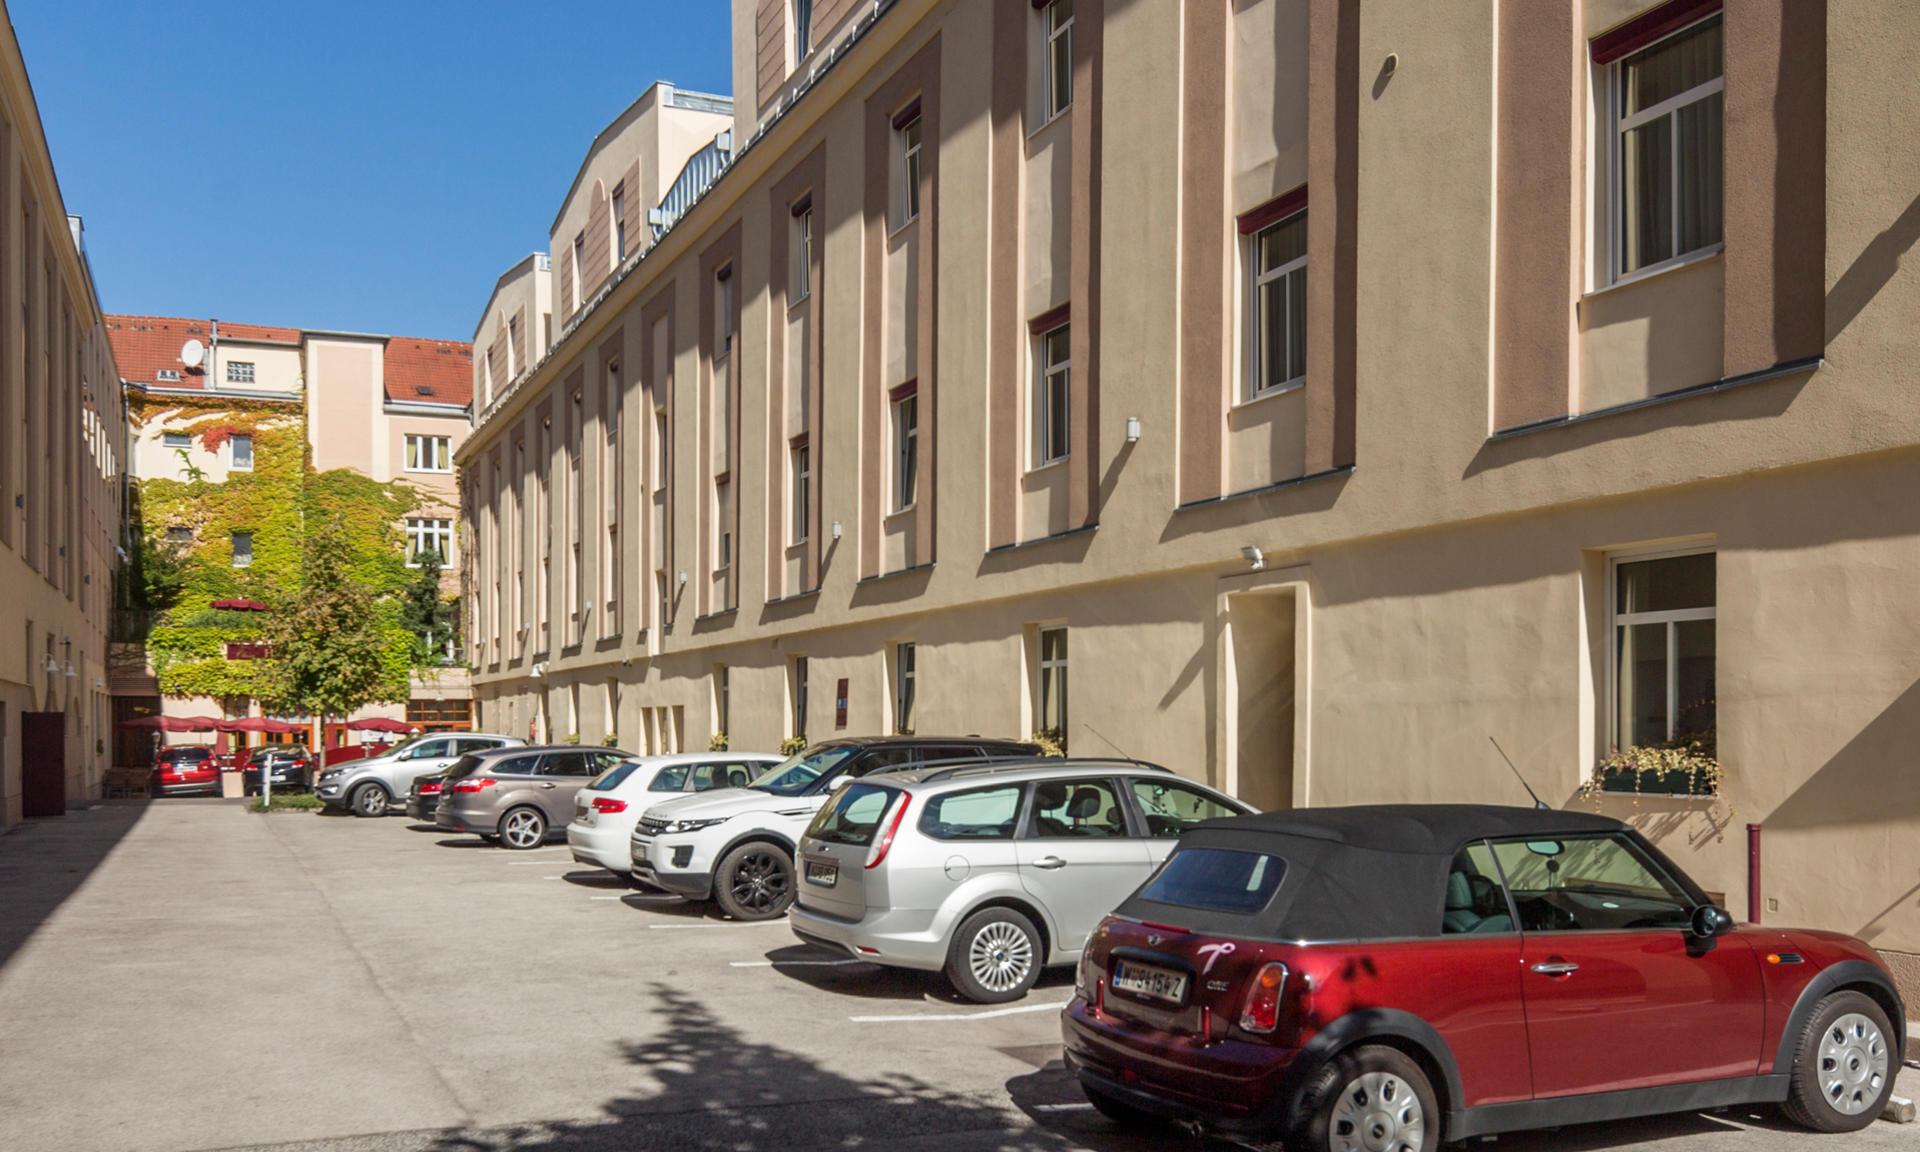 Parkmöglichkeiten Lage Anreise Classic Hotel Wien